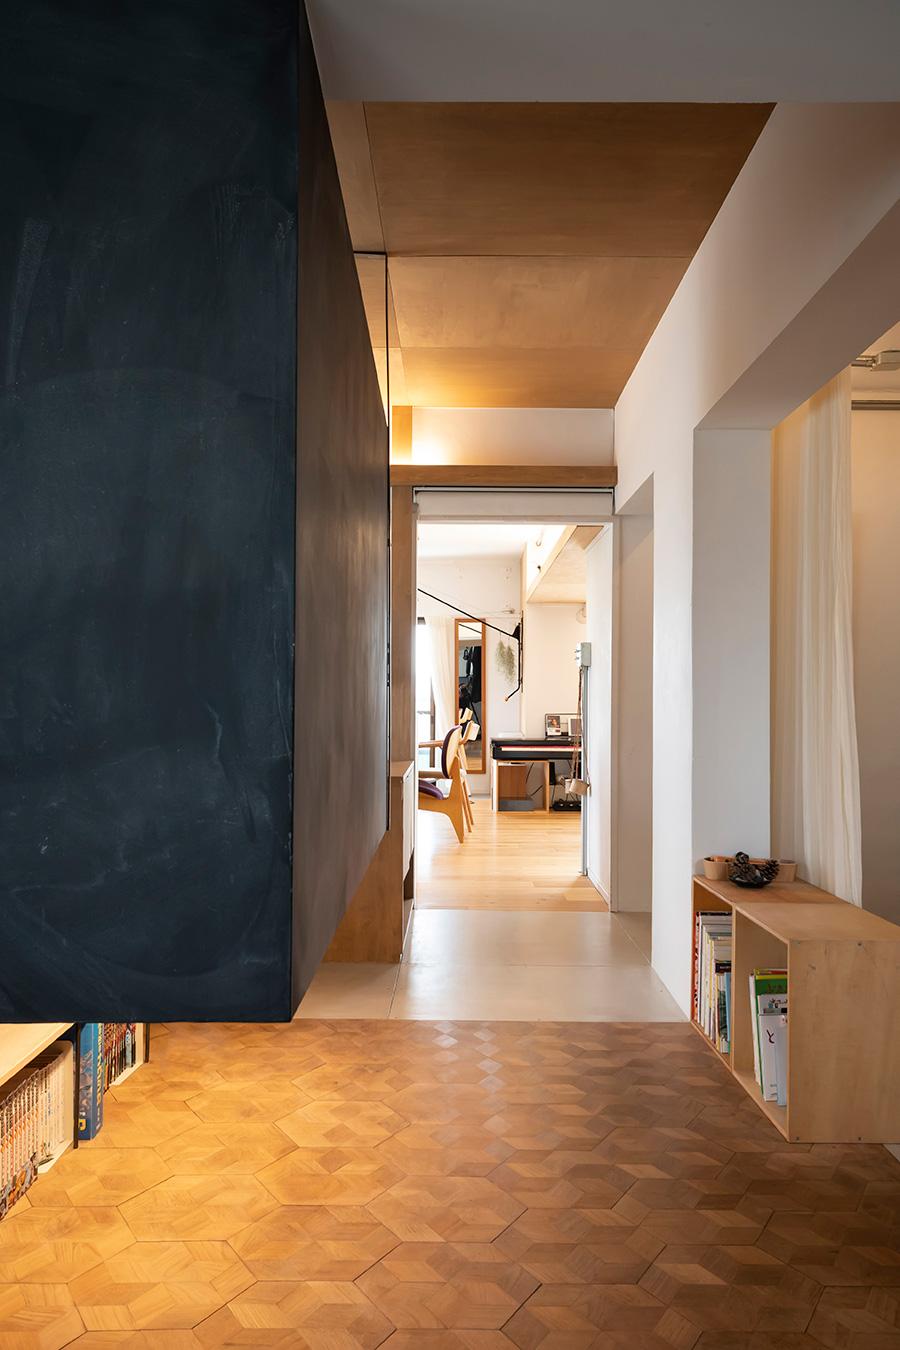 廊下の床は素材で切替えて、空間をさり気なく分けている。六角形のパーケットフローリングは日本の伝統的な亀甲模様。和をモチーフにするため、細かなところにも取り入れた。